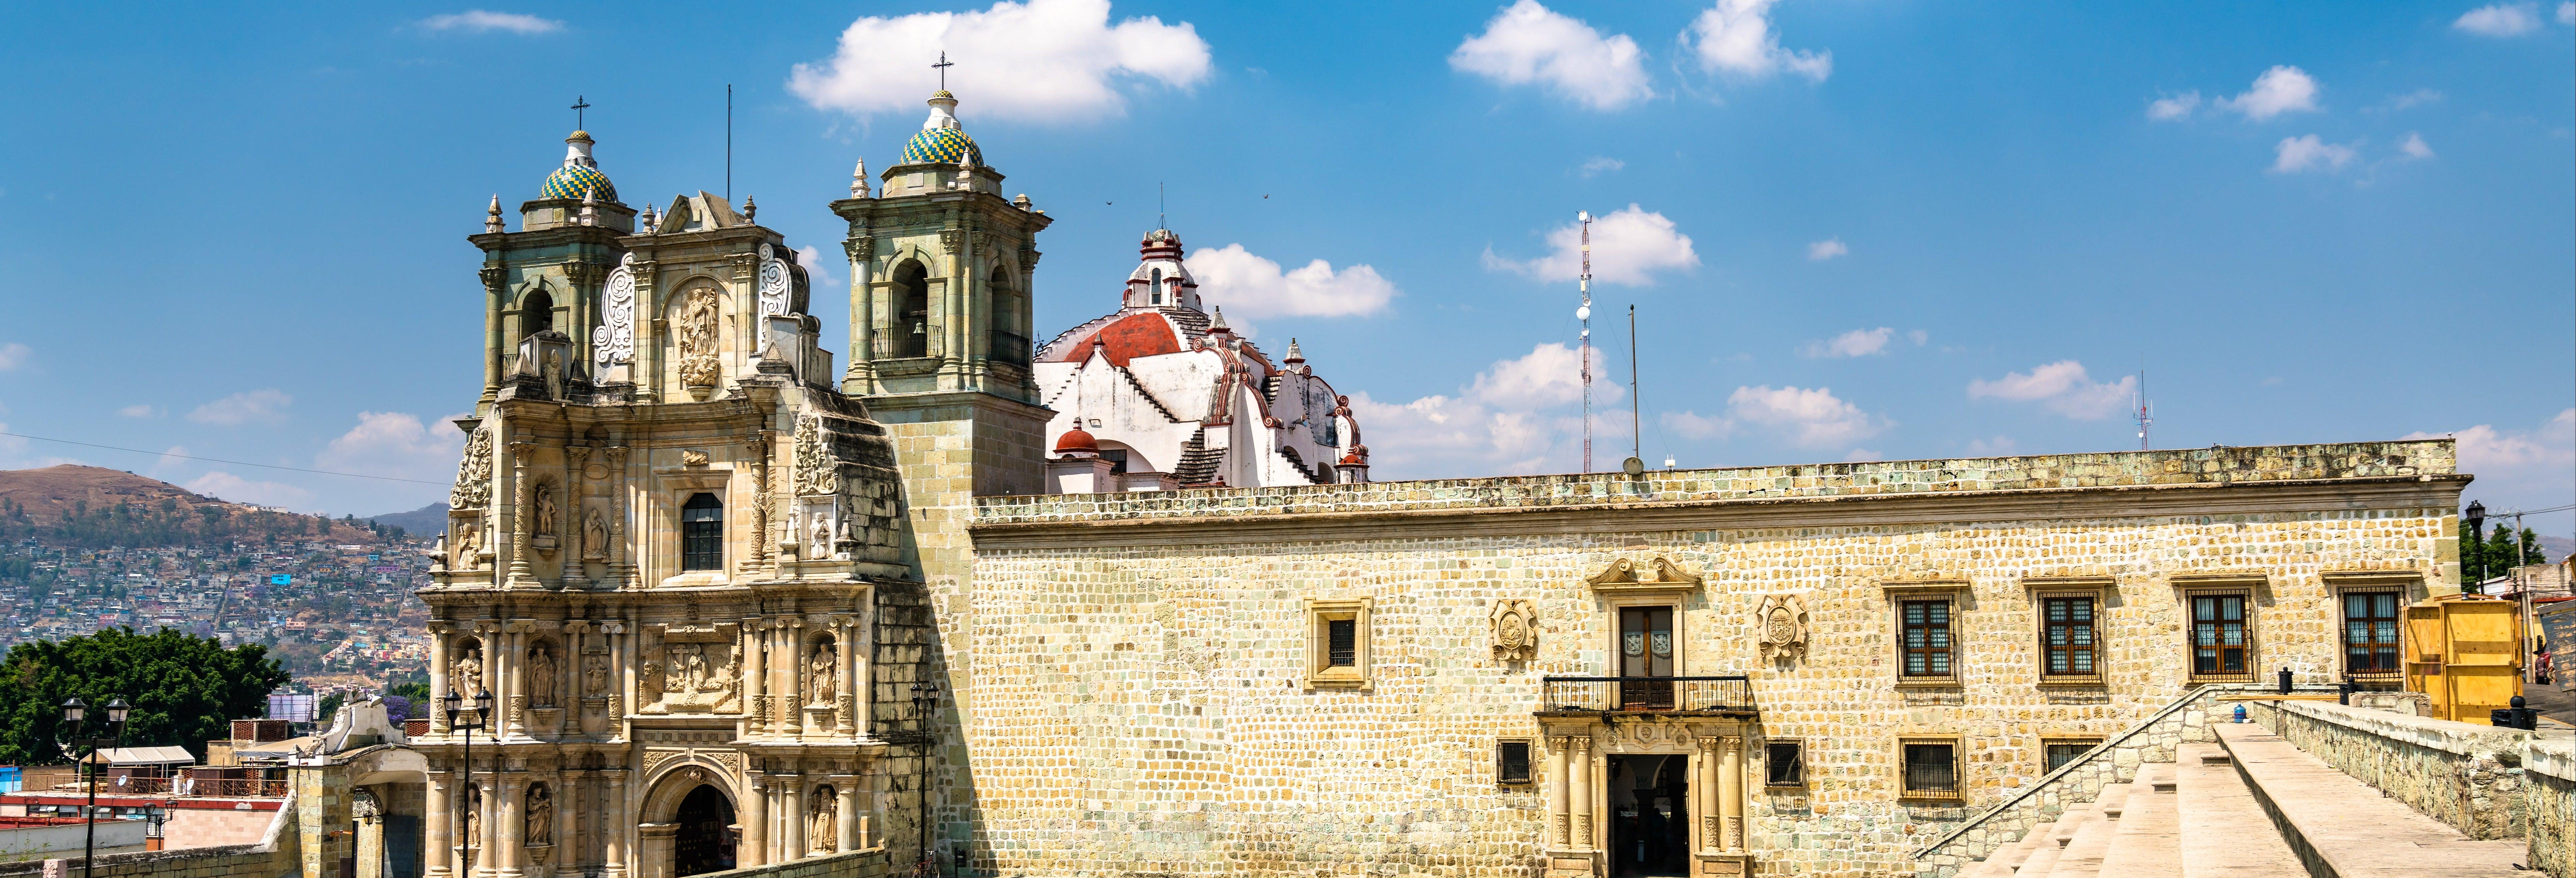 Free tour por Oaxaca ¡Gratis!